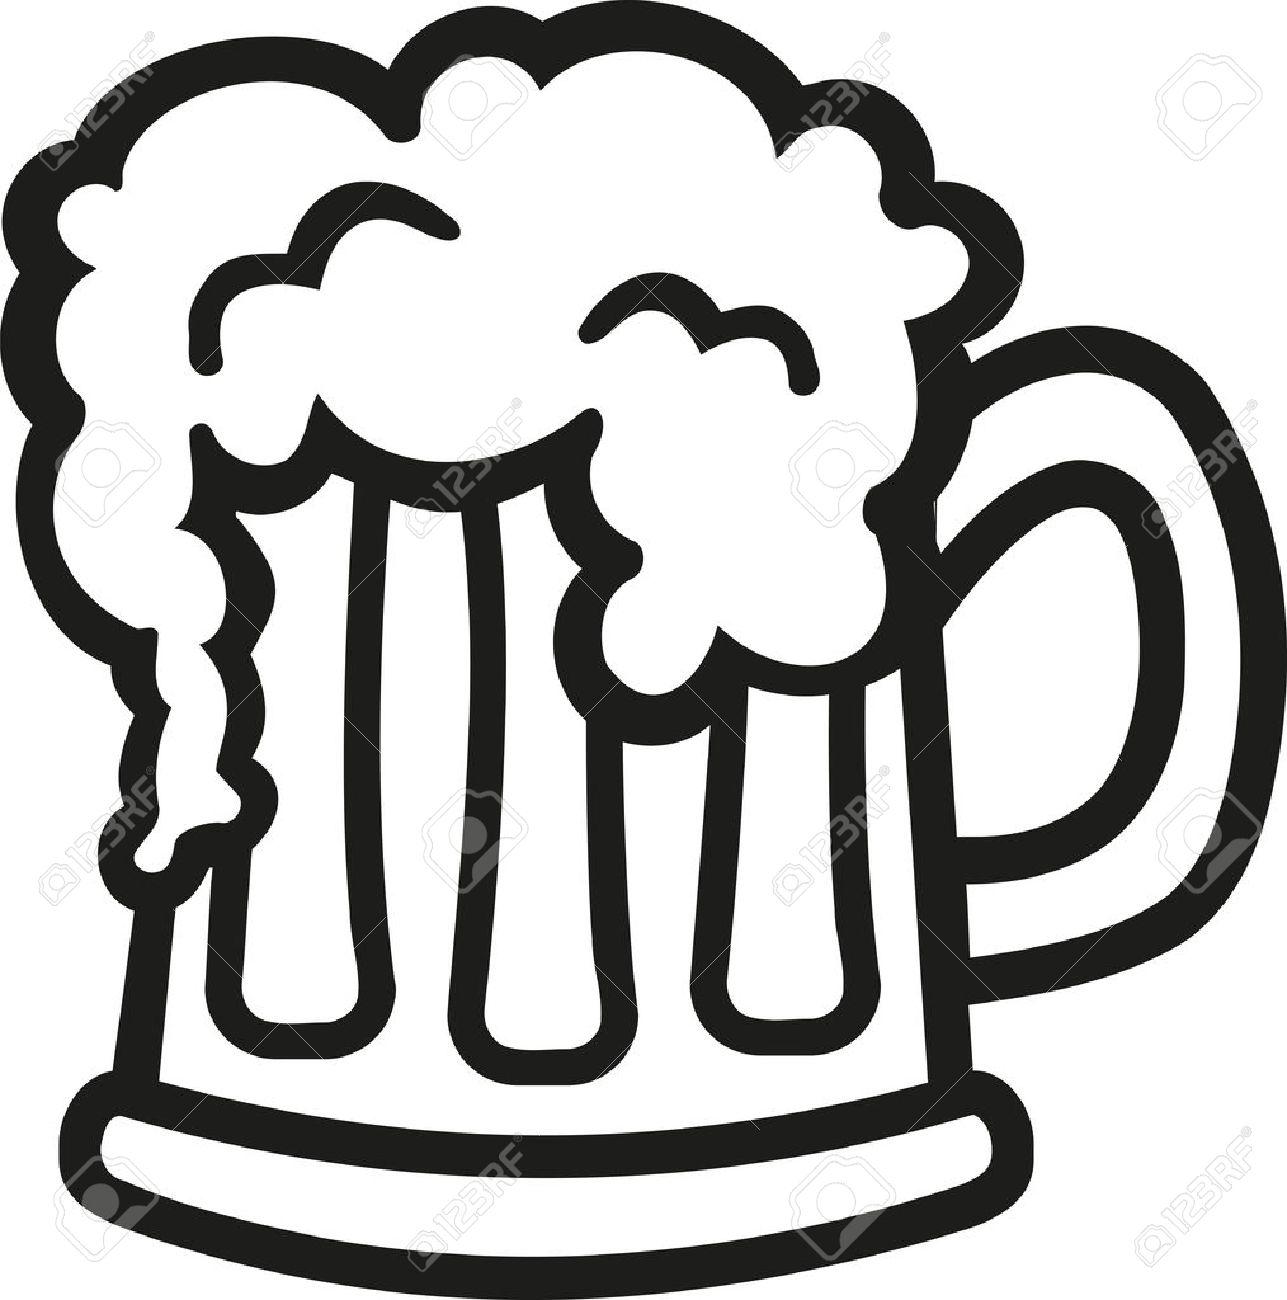 cartoon beer mug royalty free cliparts vectors and stock rh 123rf com beer mug images clipart beer mug images clipart